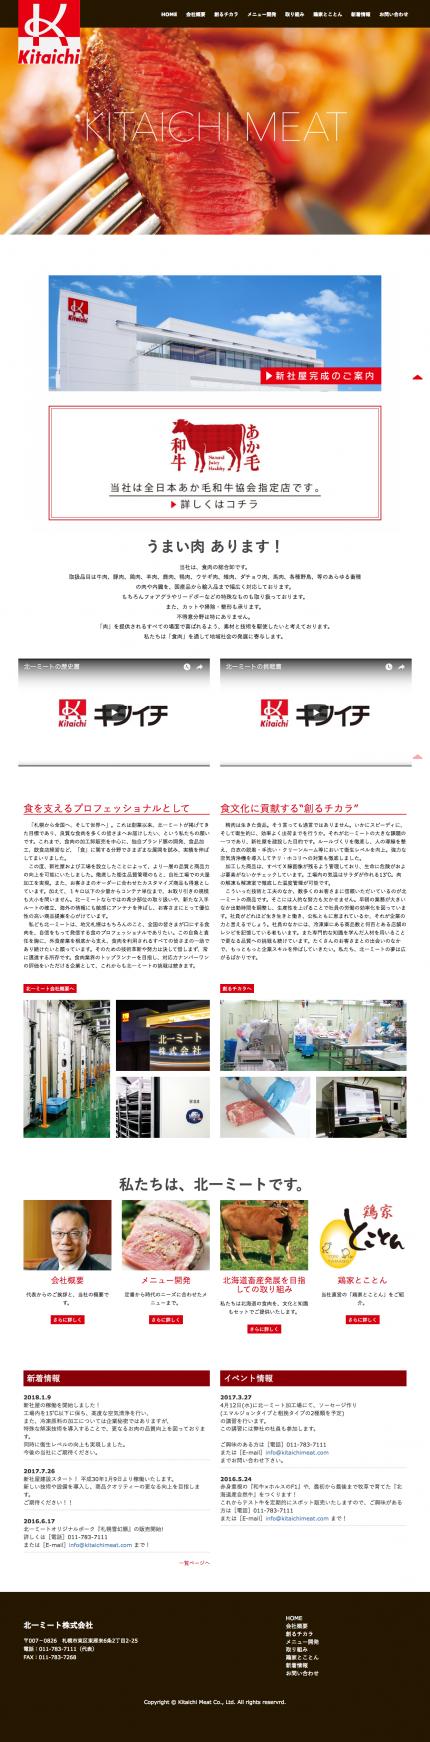 kitaichimeat_com-l